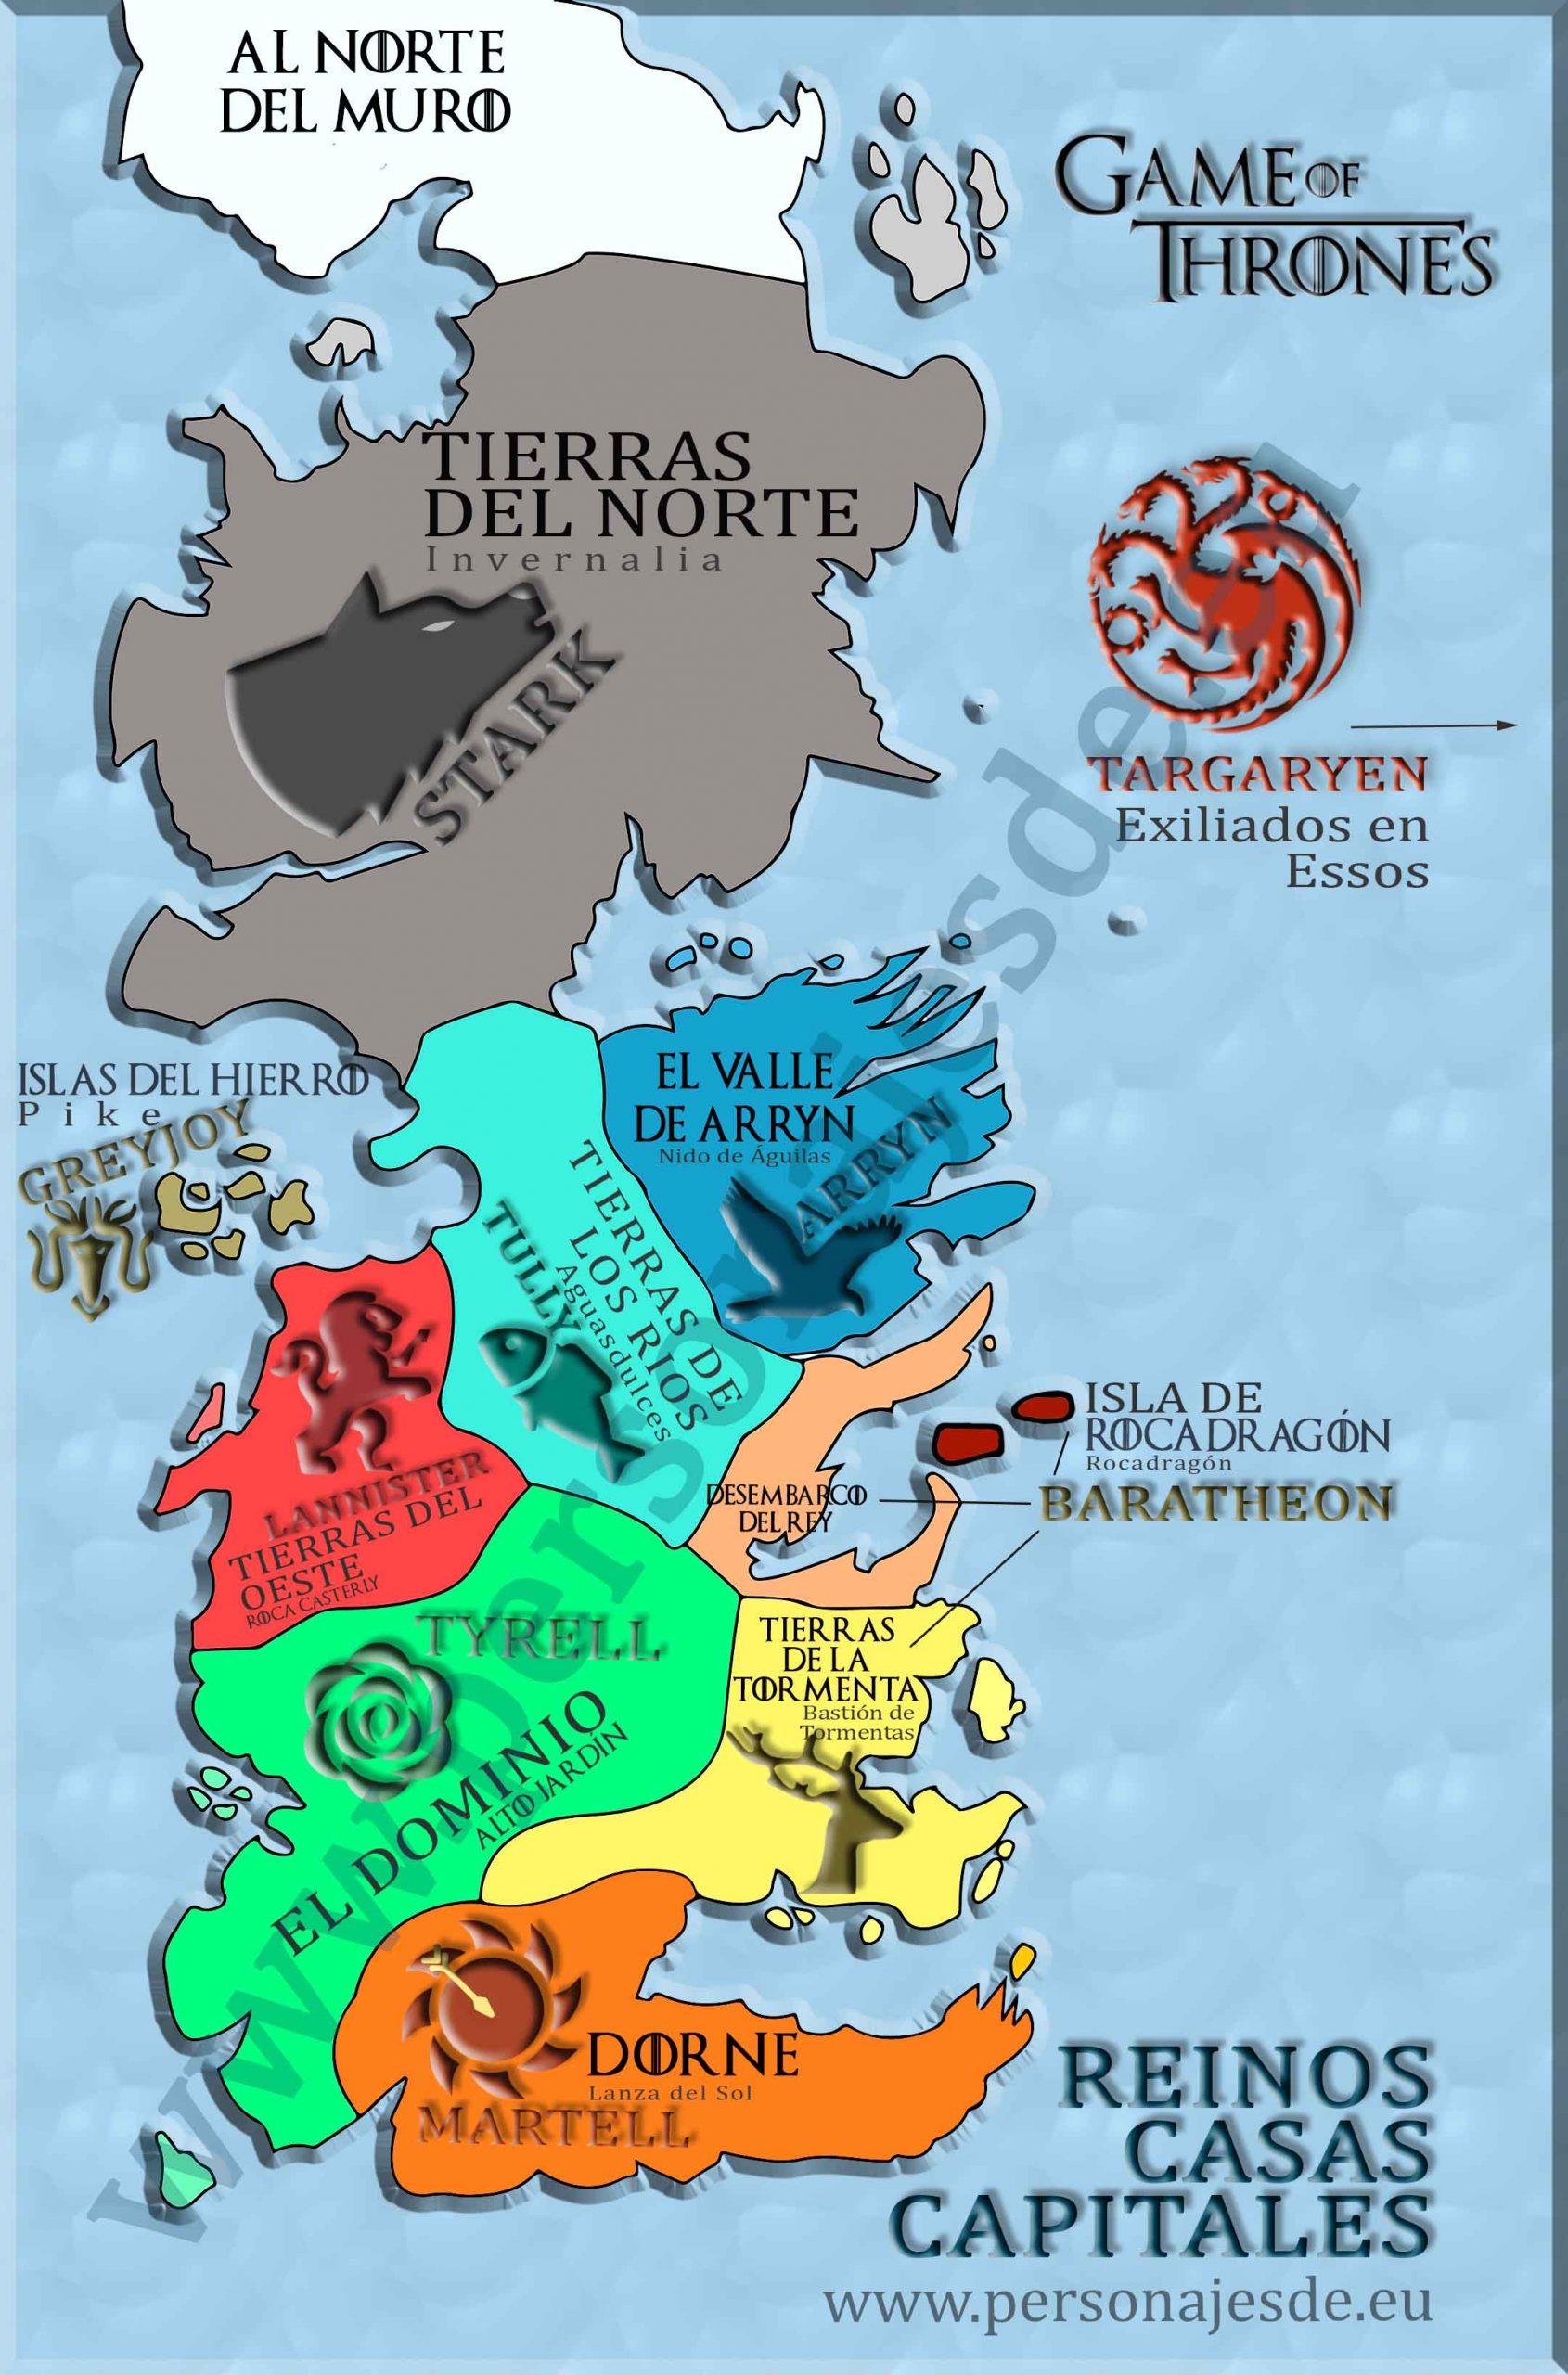 Mapa de los reinos y casas de Juego de Tronos